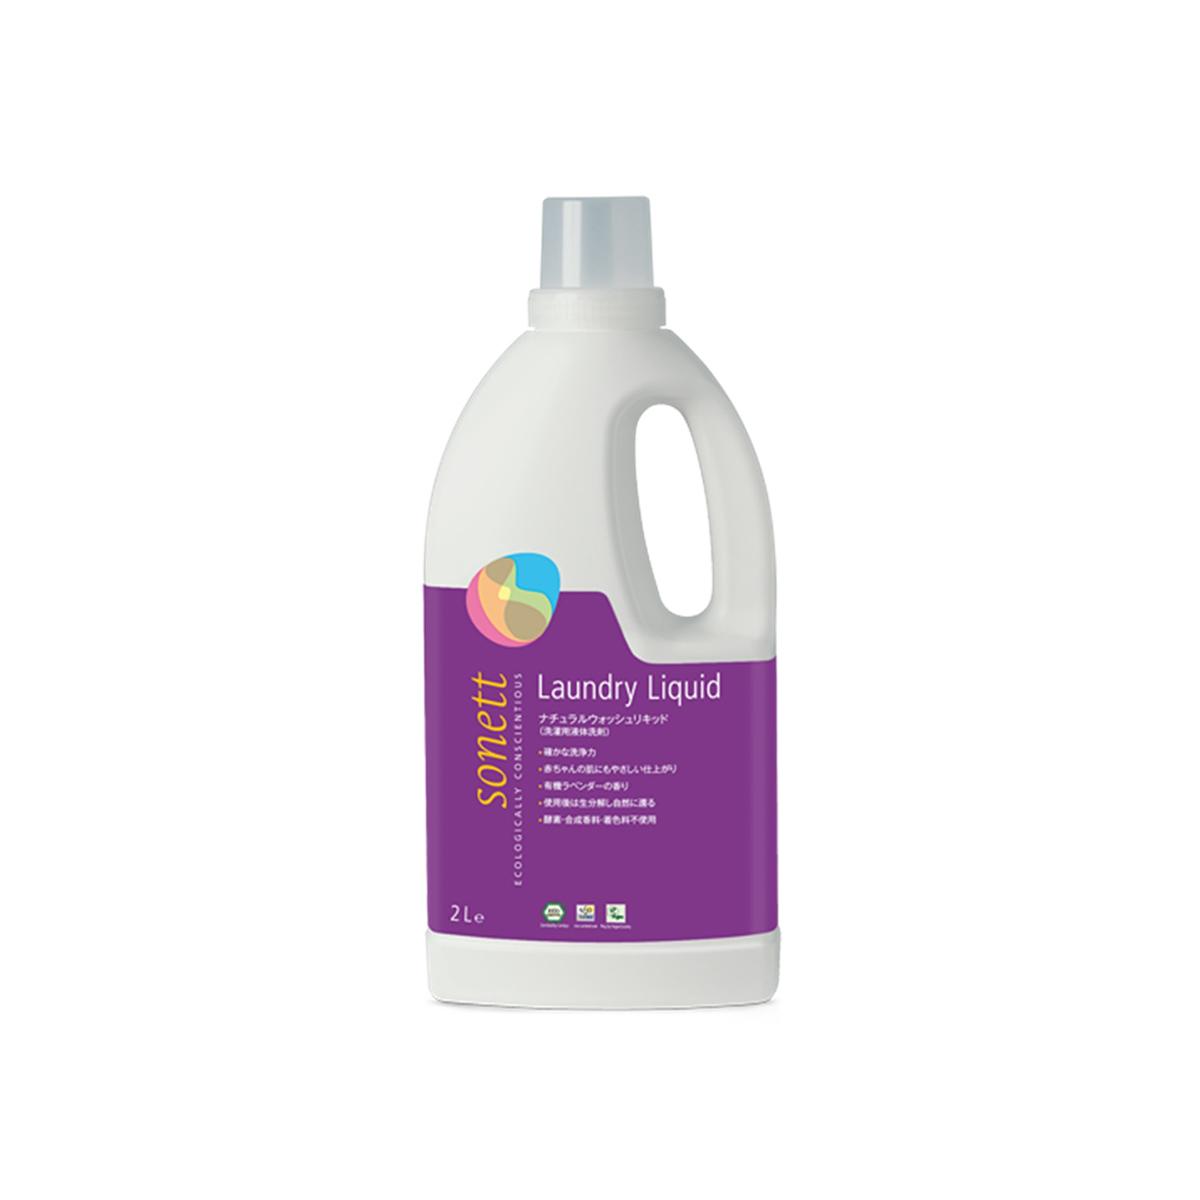 ソネット|ナチュラルウォッシュリキッド(洗濯用液体洗剤)2L